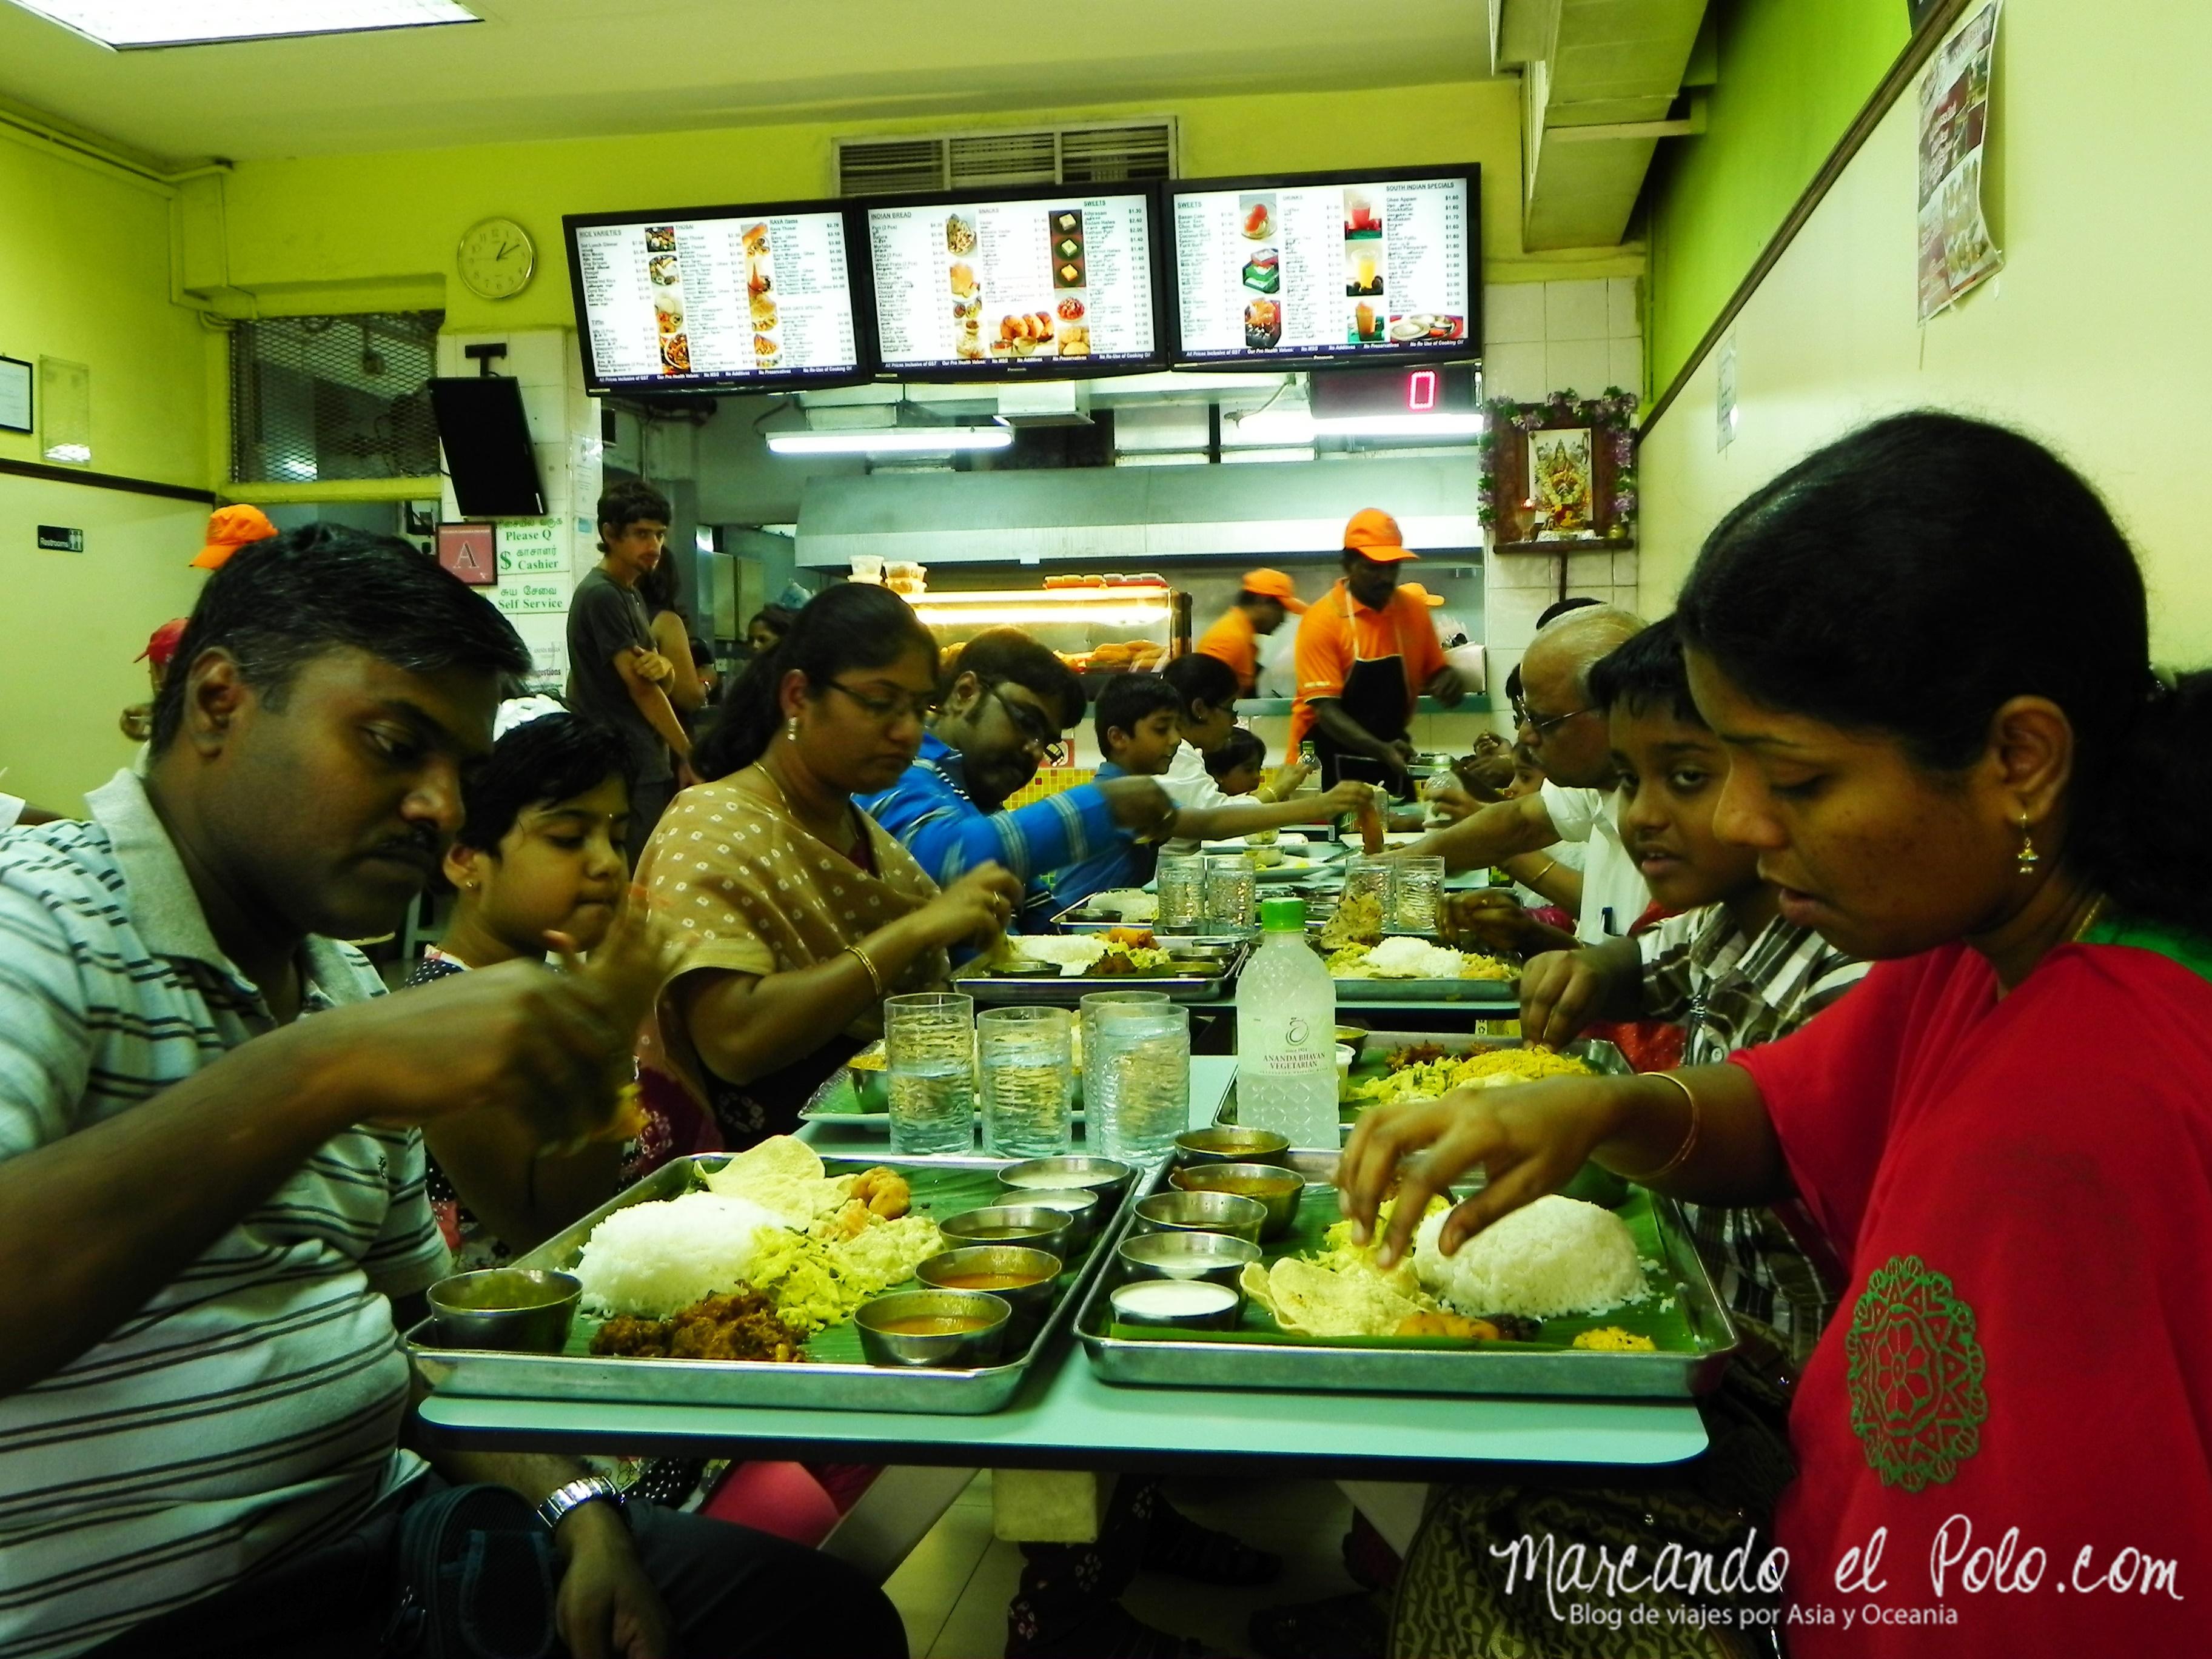 Restaurante indio, Singapur, Asia